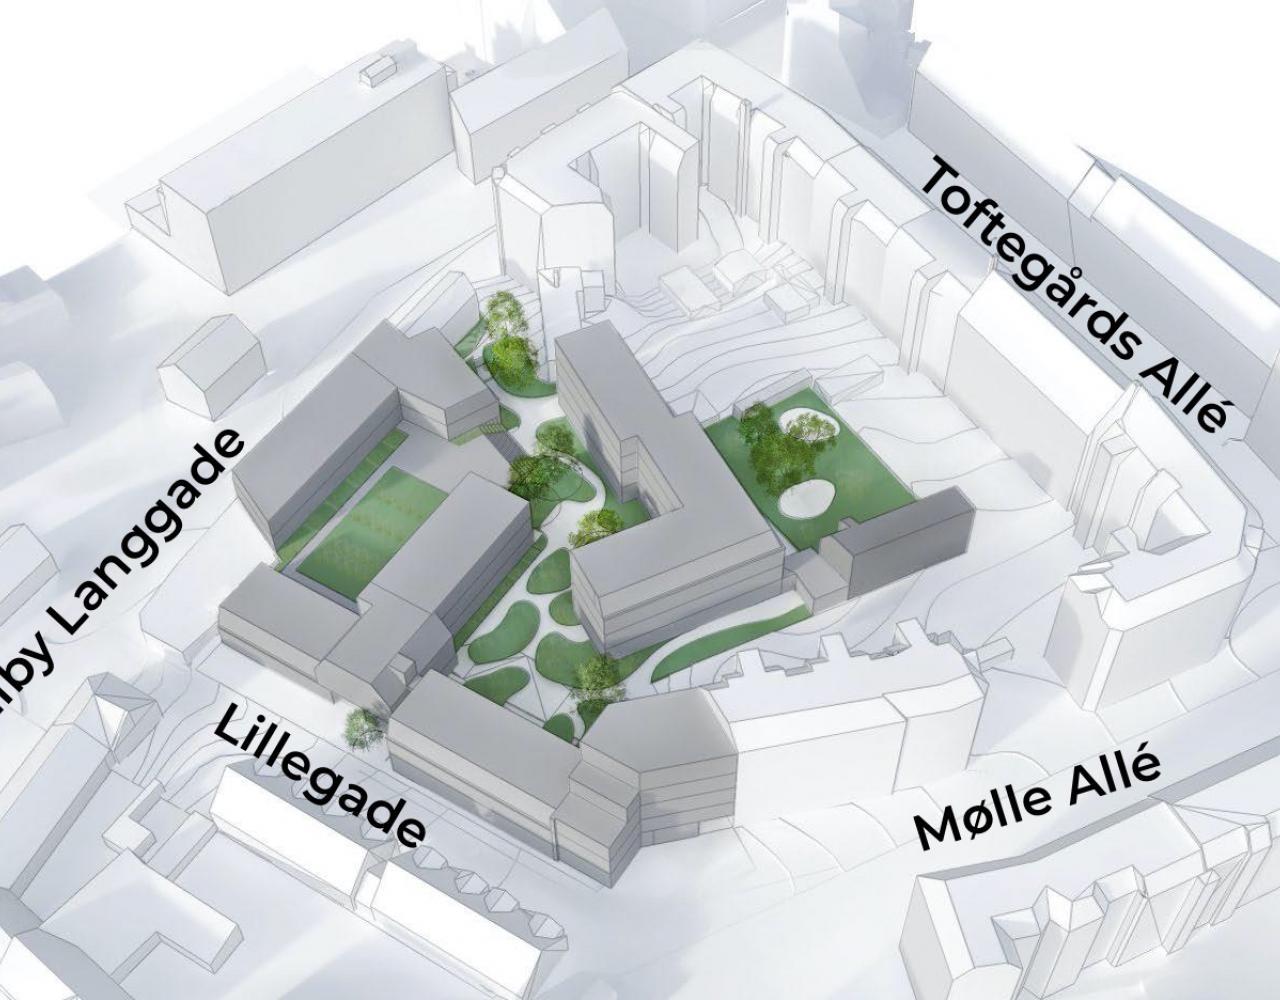 valby boligprojekt oversigt